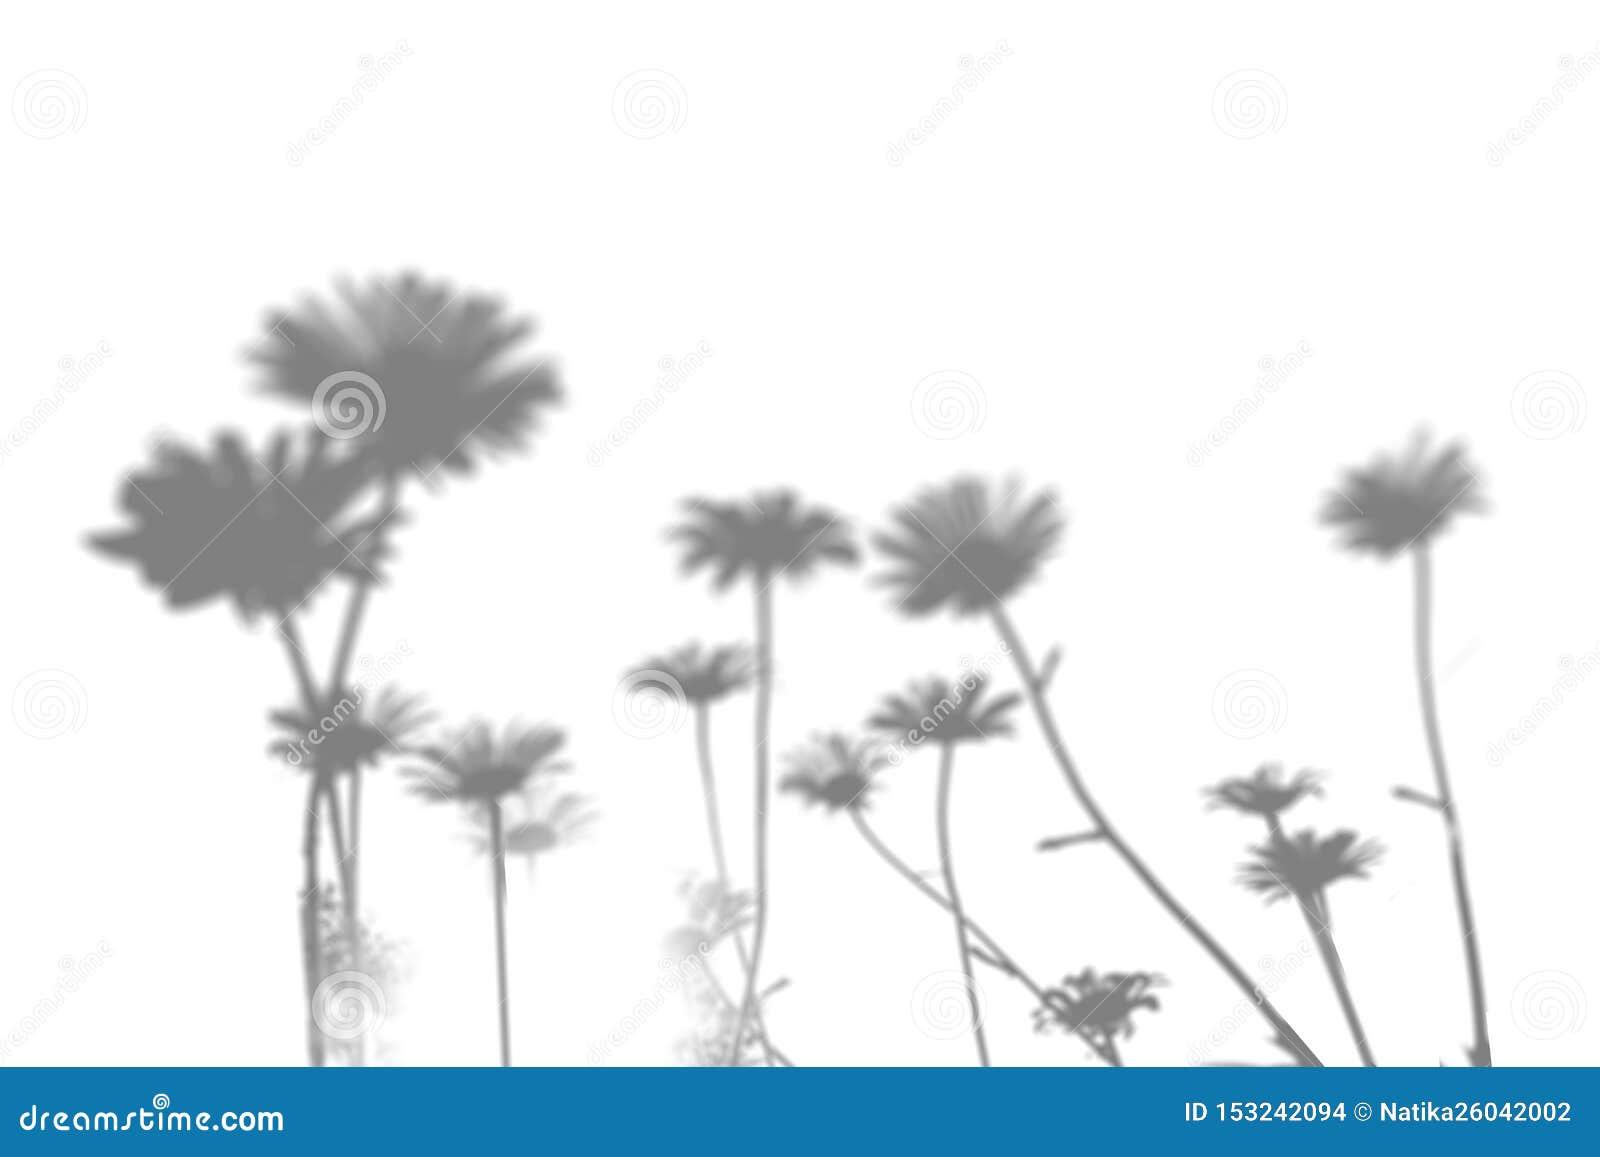 Skuggan av fältgräset på den vita väggen Svartvit bild för fotosamkopiering eller modell